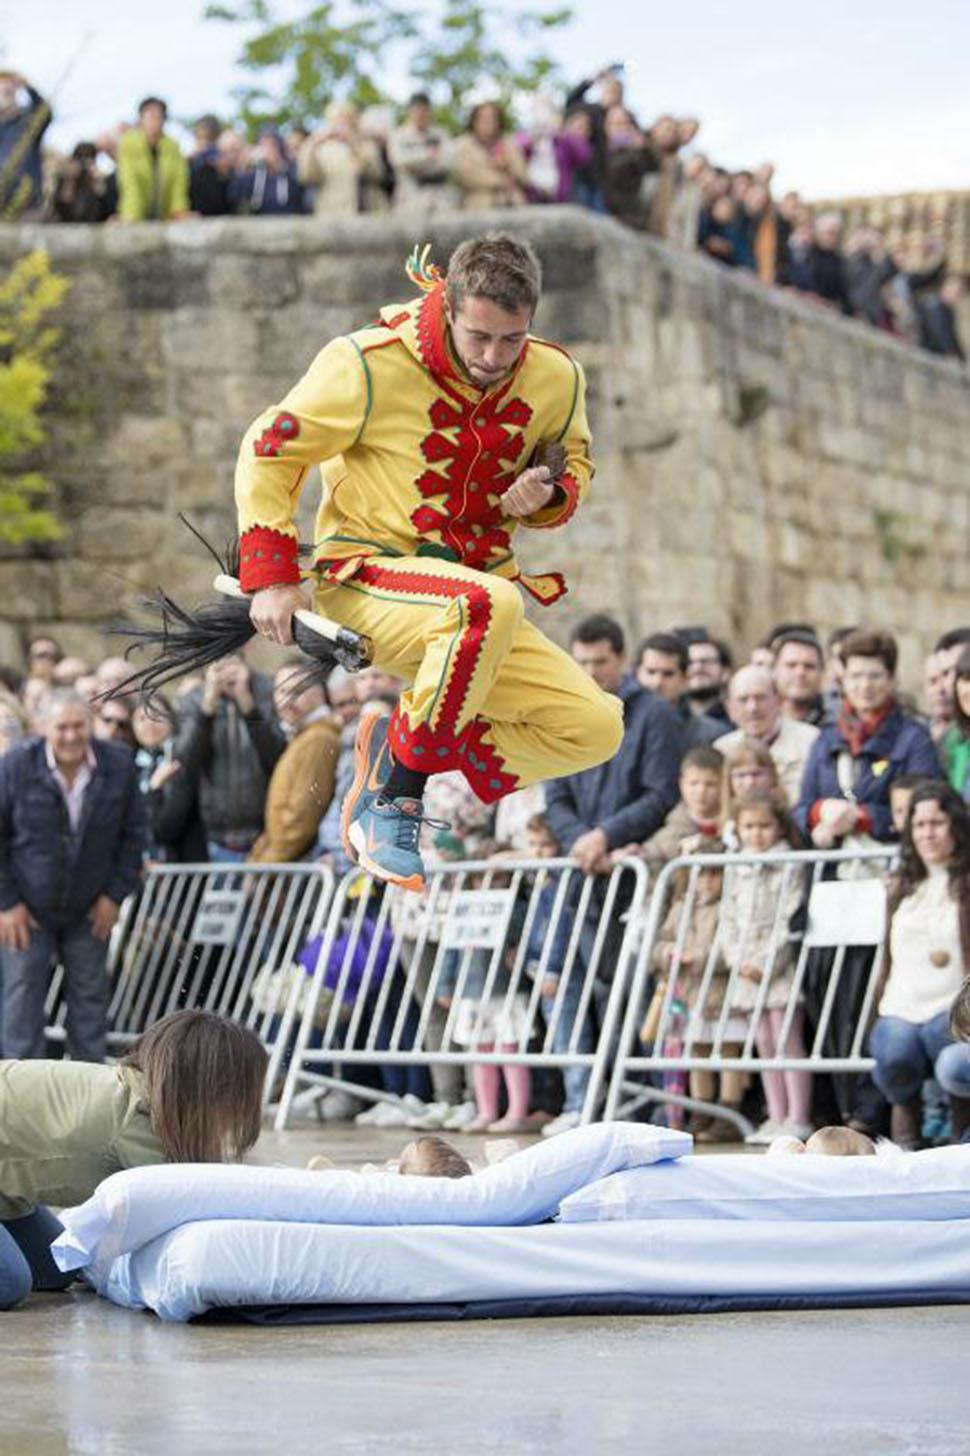 Сам прыжок был актом очищения в рамках ритуала, но, поскольку перепрыгивание через младенца не счита